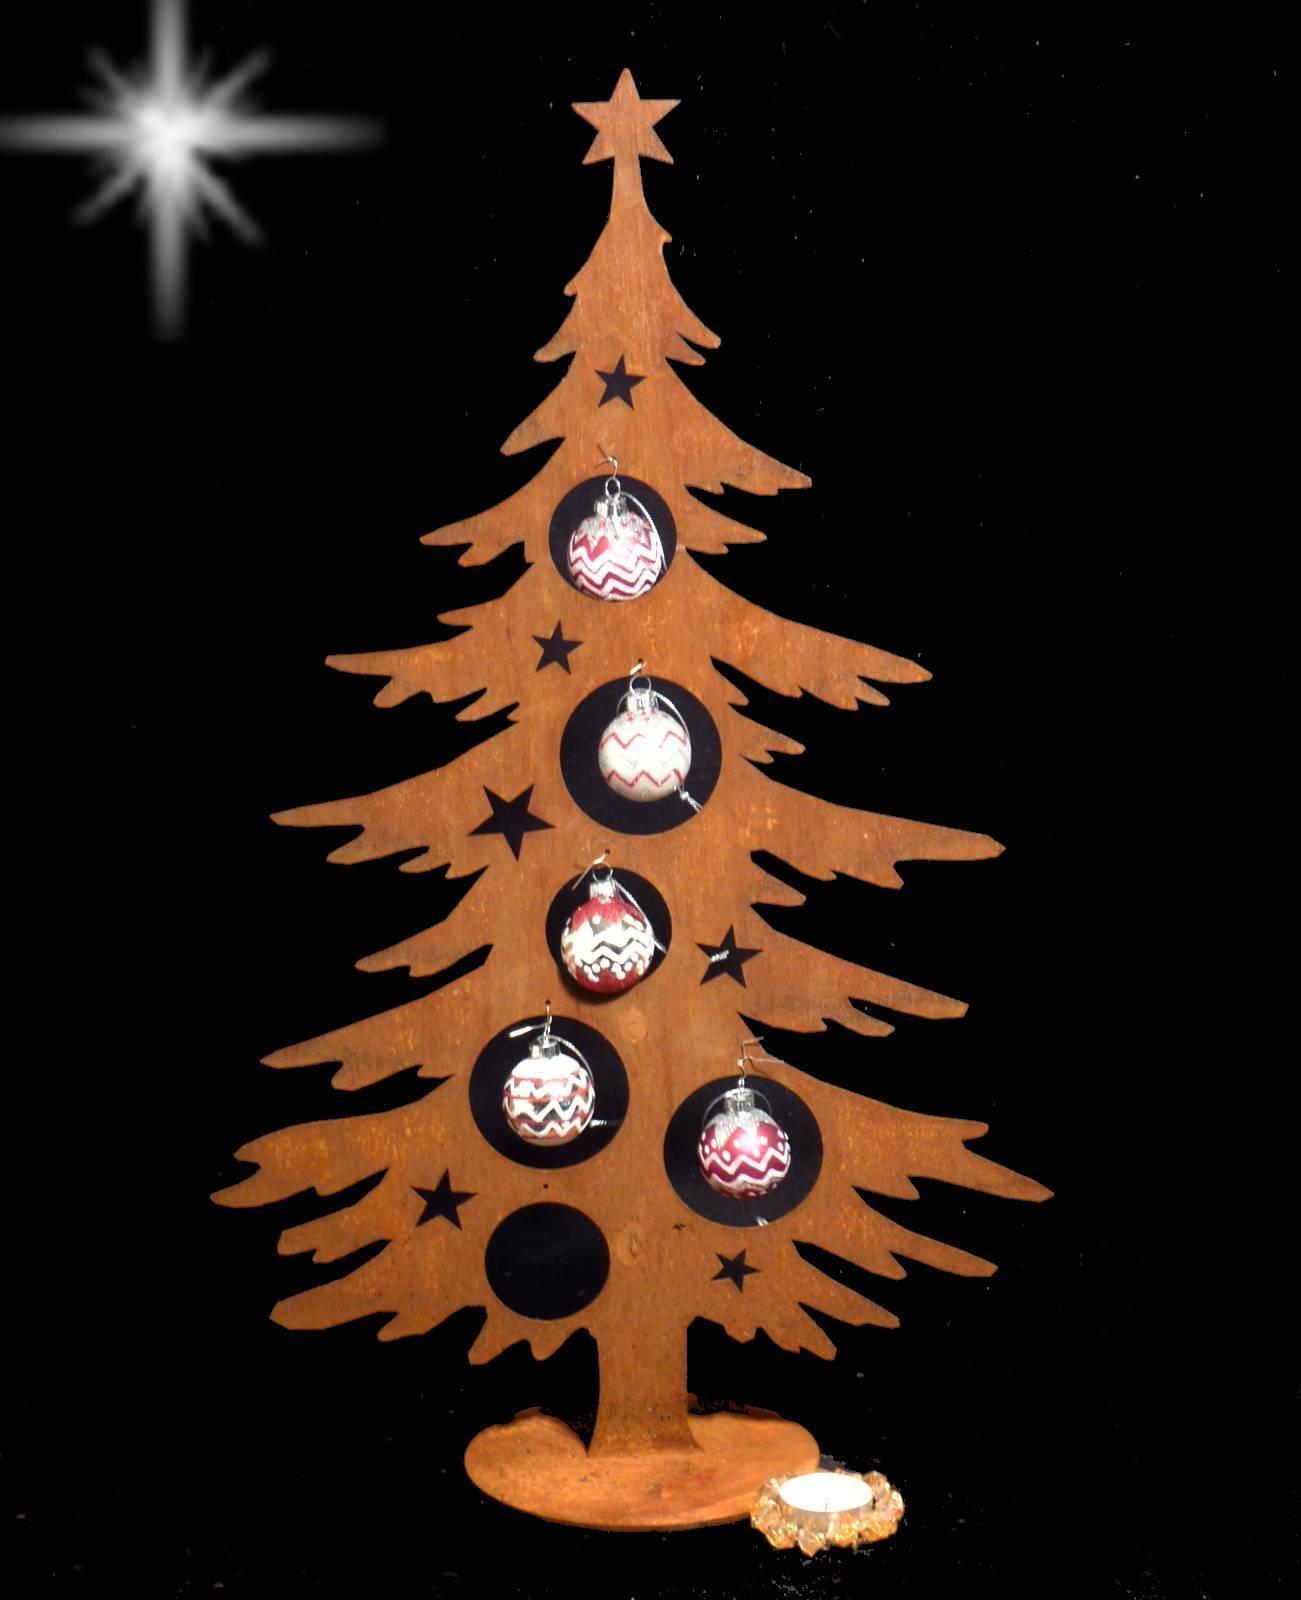 Tannenbaum Aus Blech.Details Zu Edelrost Rost Dekotanne Klein 60 Cm Metall Weihnachtsbaum Tannenbaum